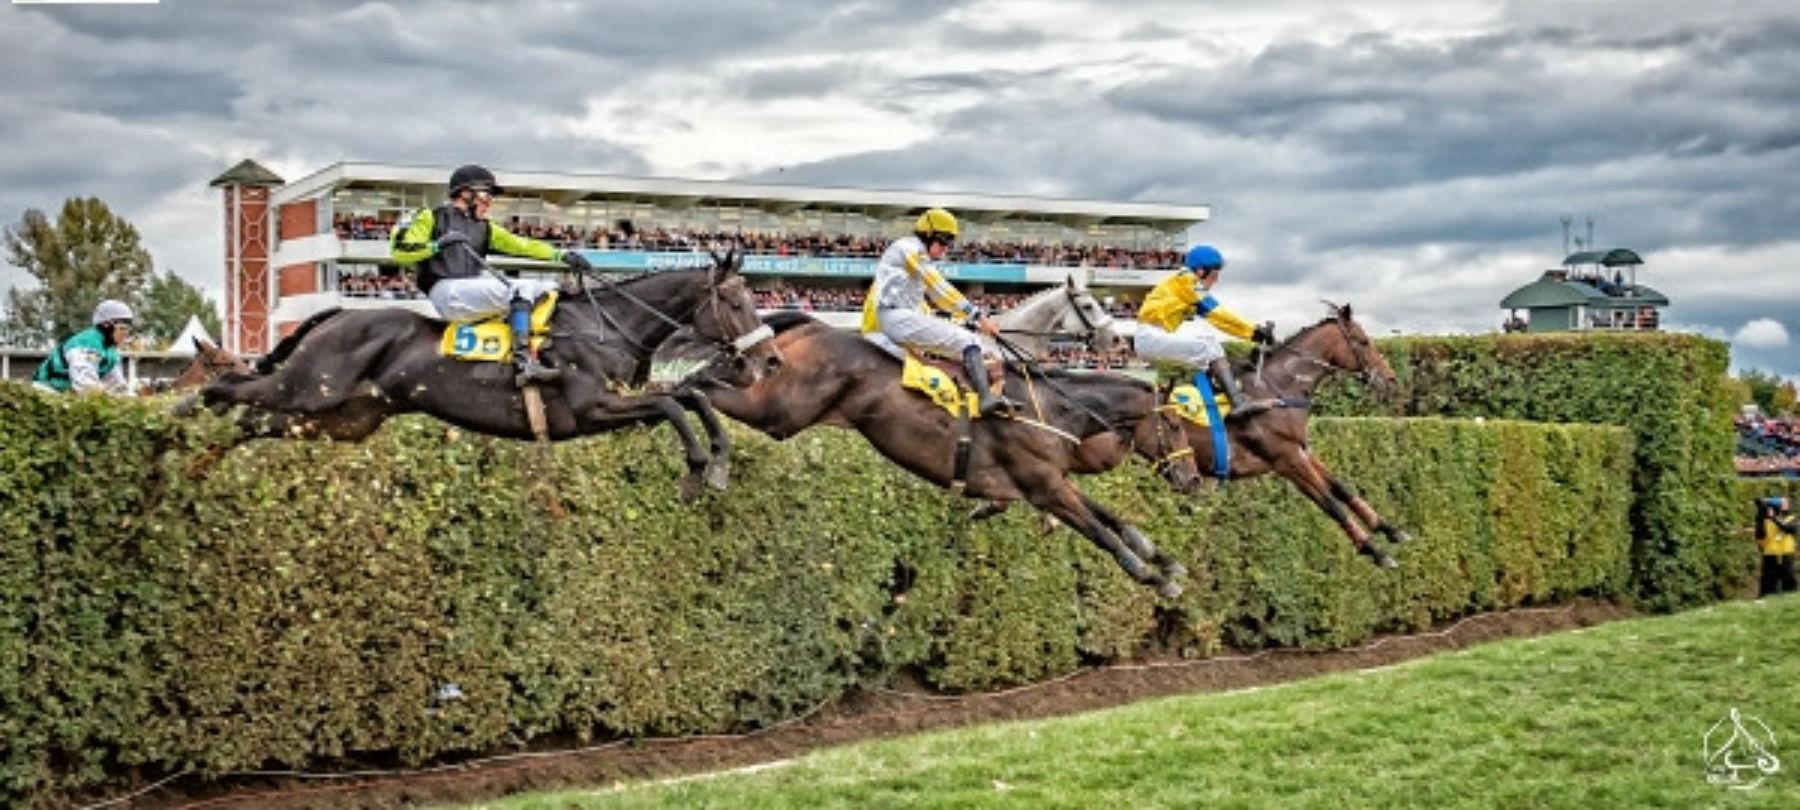 horses jumping over hero.jpg